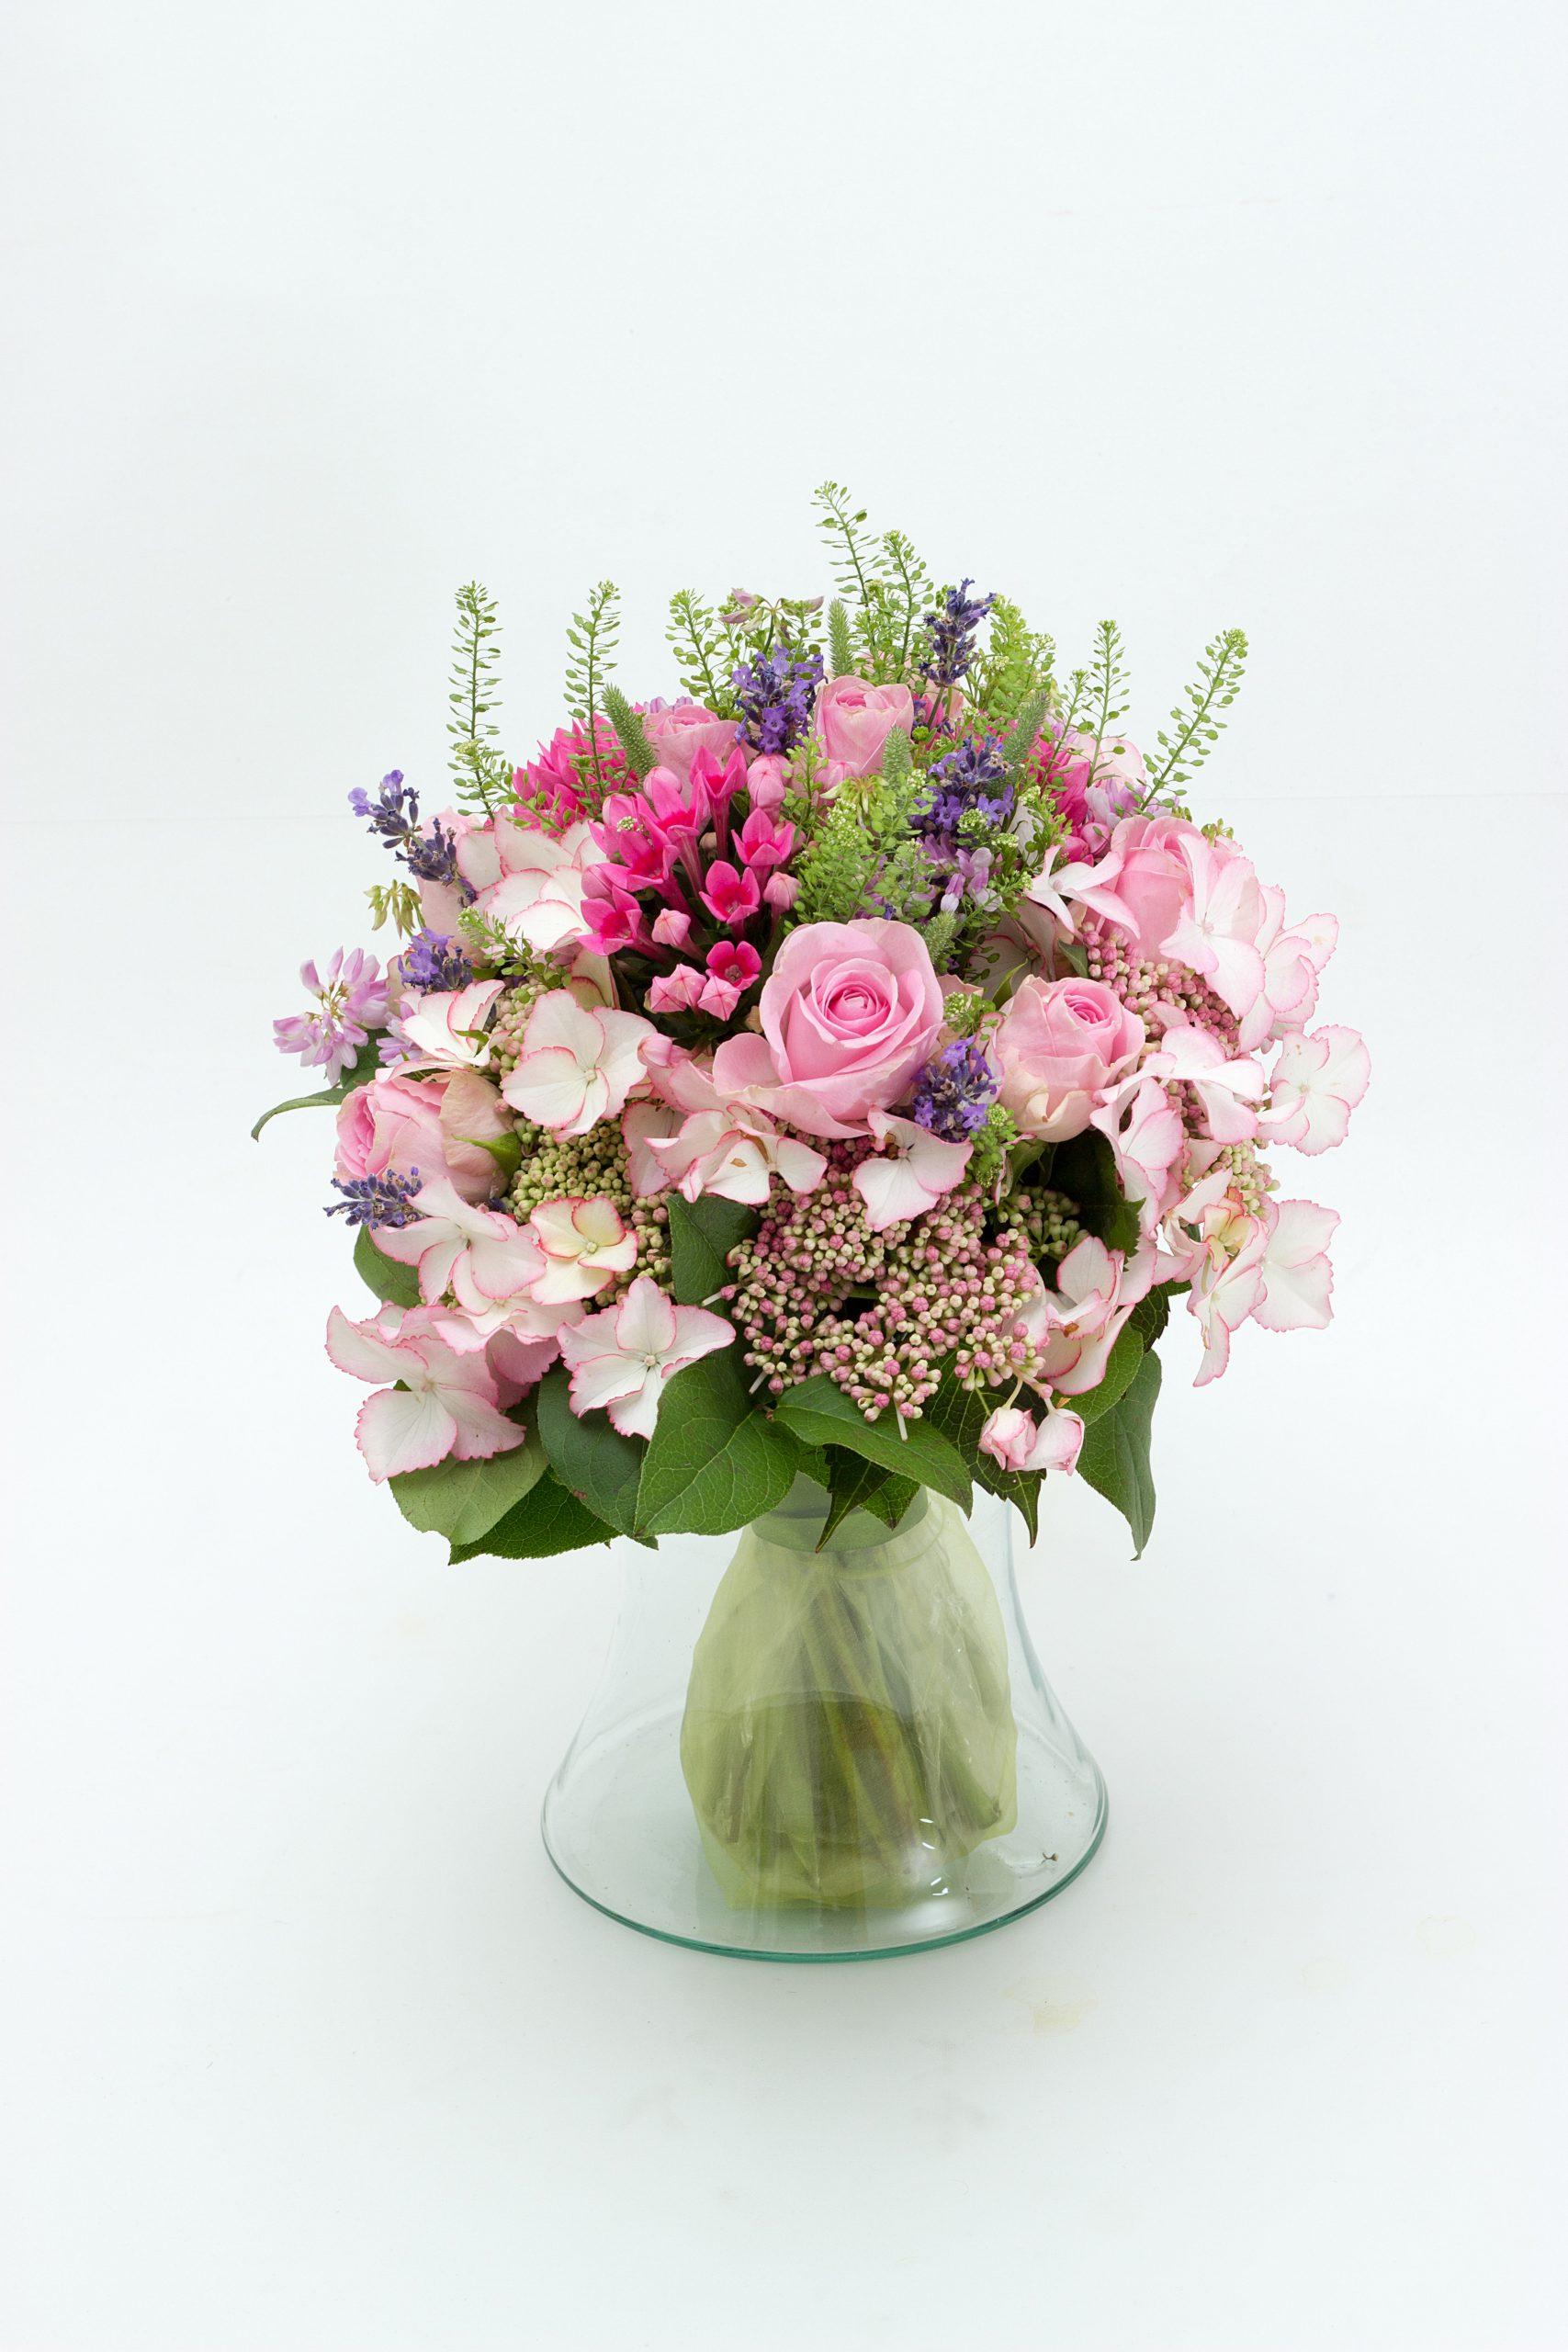 Boeket Verdi Pink inclusief bijpassende vaas samen gesteld naar bloemen volgens sezoen